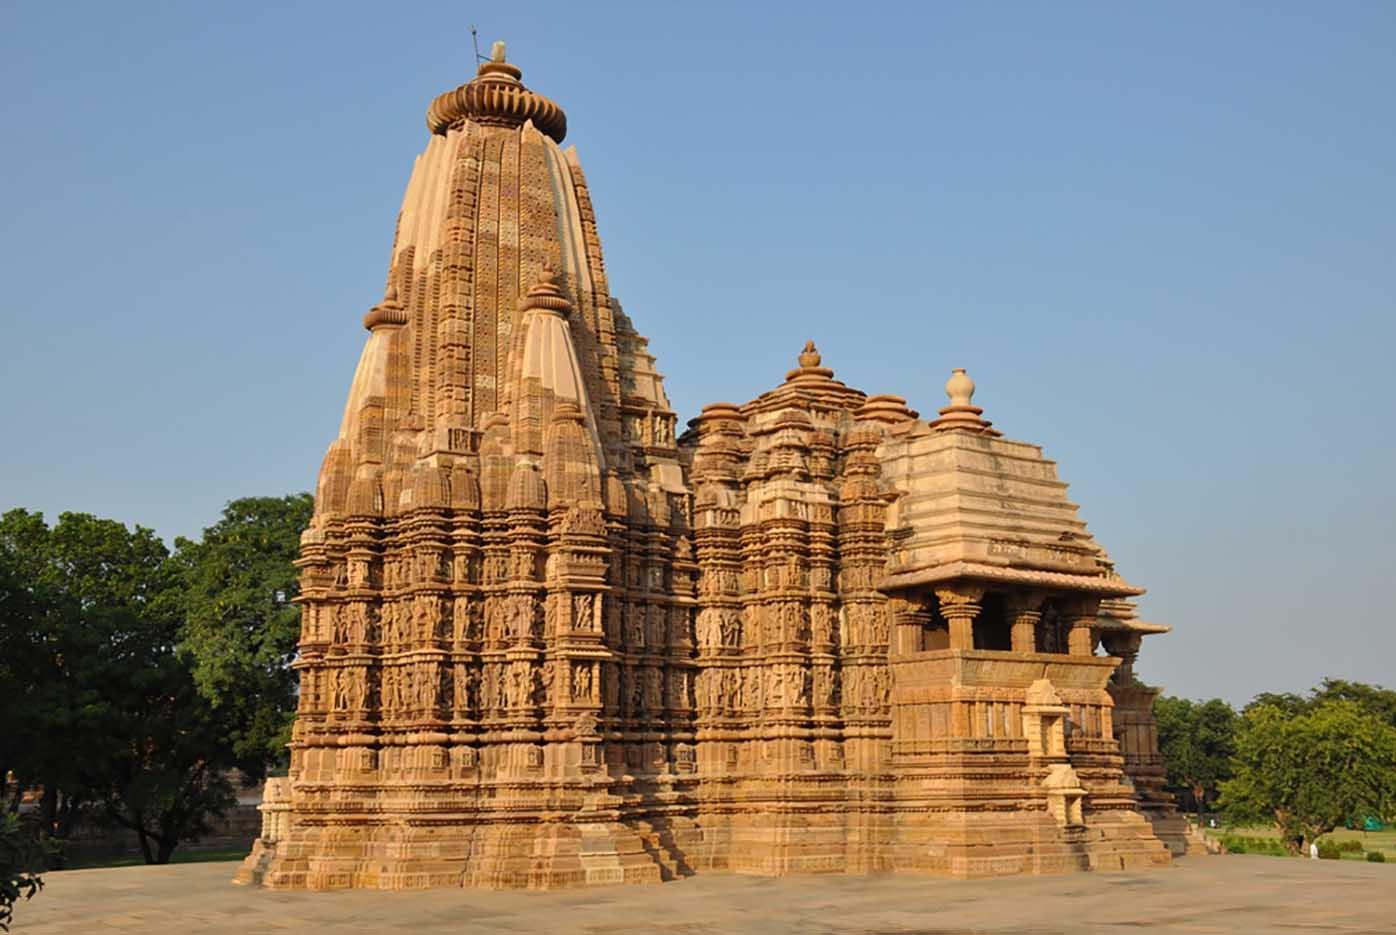 Храмы Кхаджурахо, Khajuraho Temples - 7